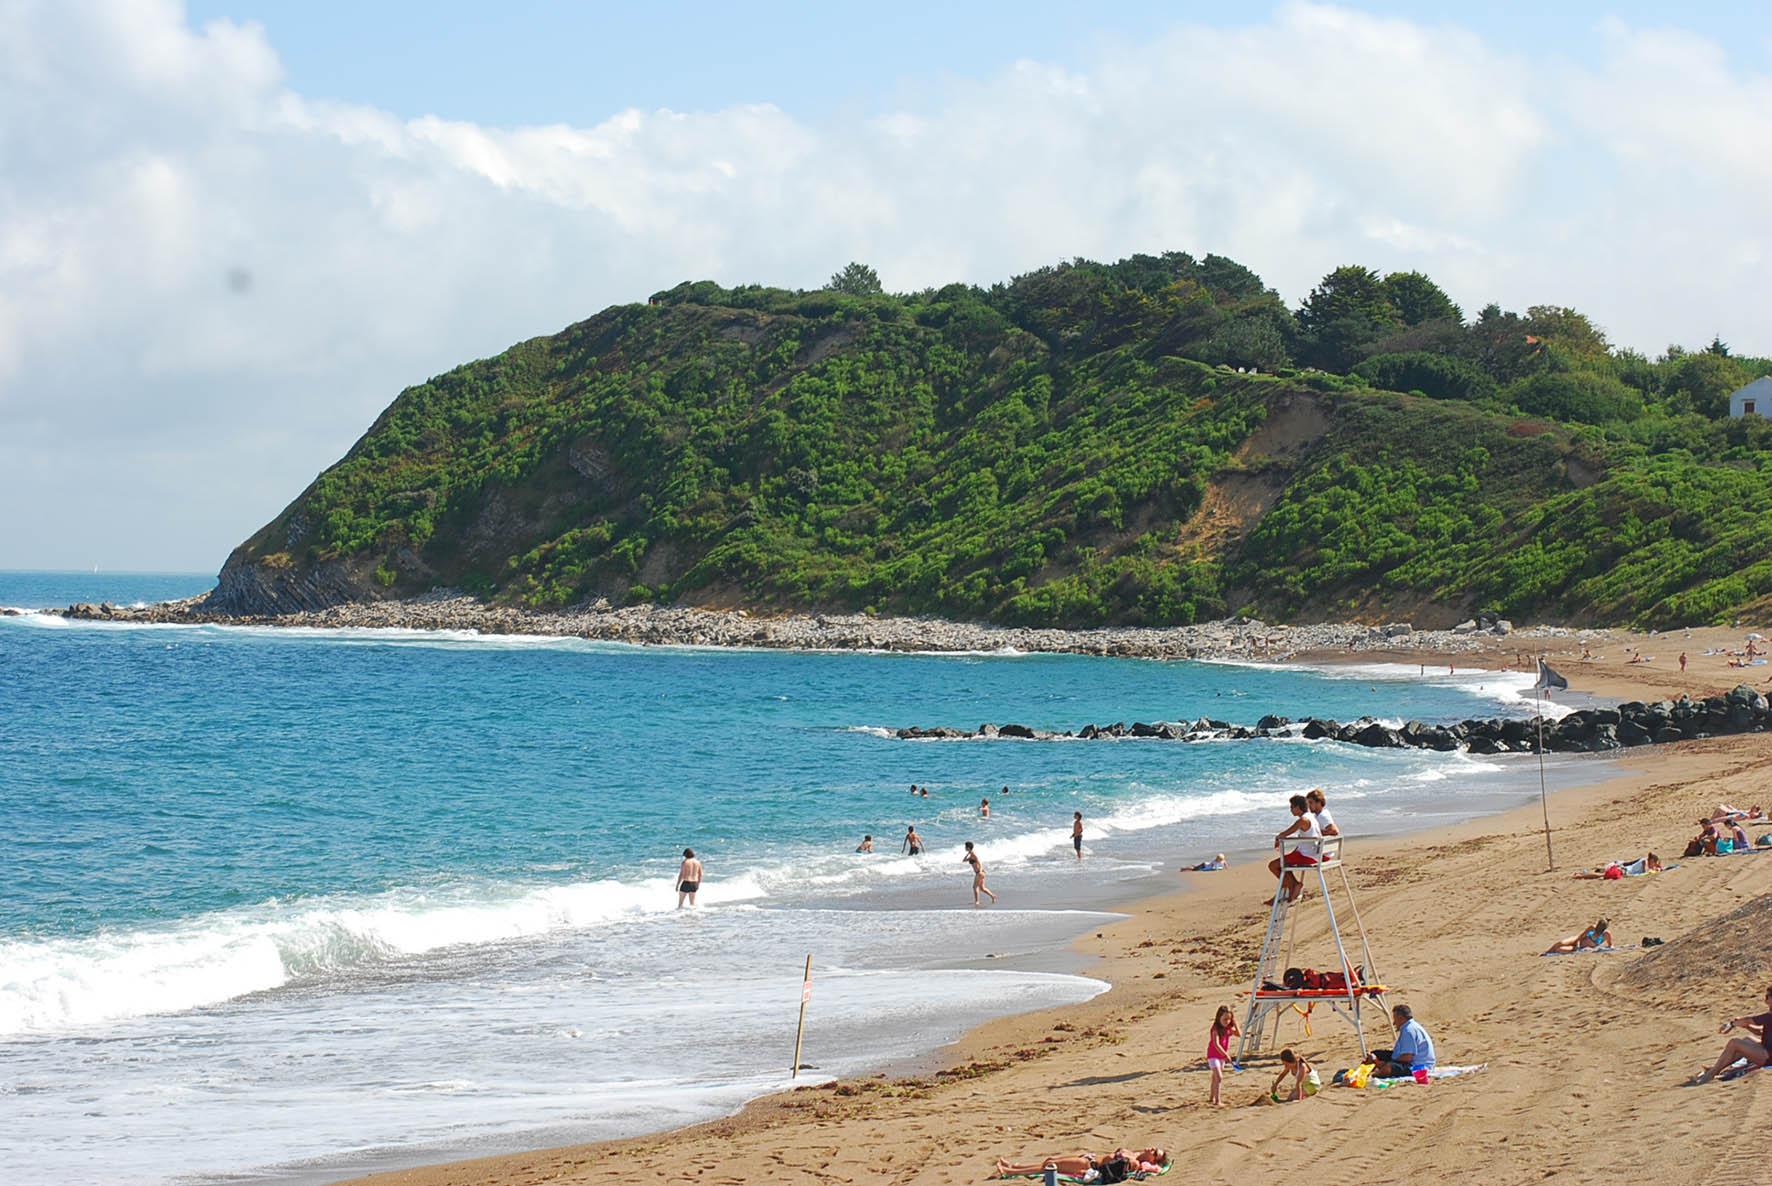 La plage de Mayarco à Saint-Jean de Luz